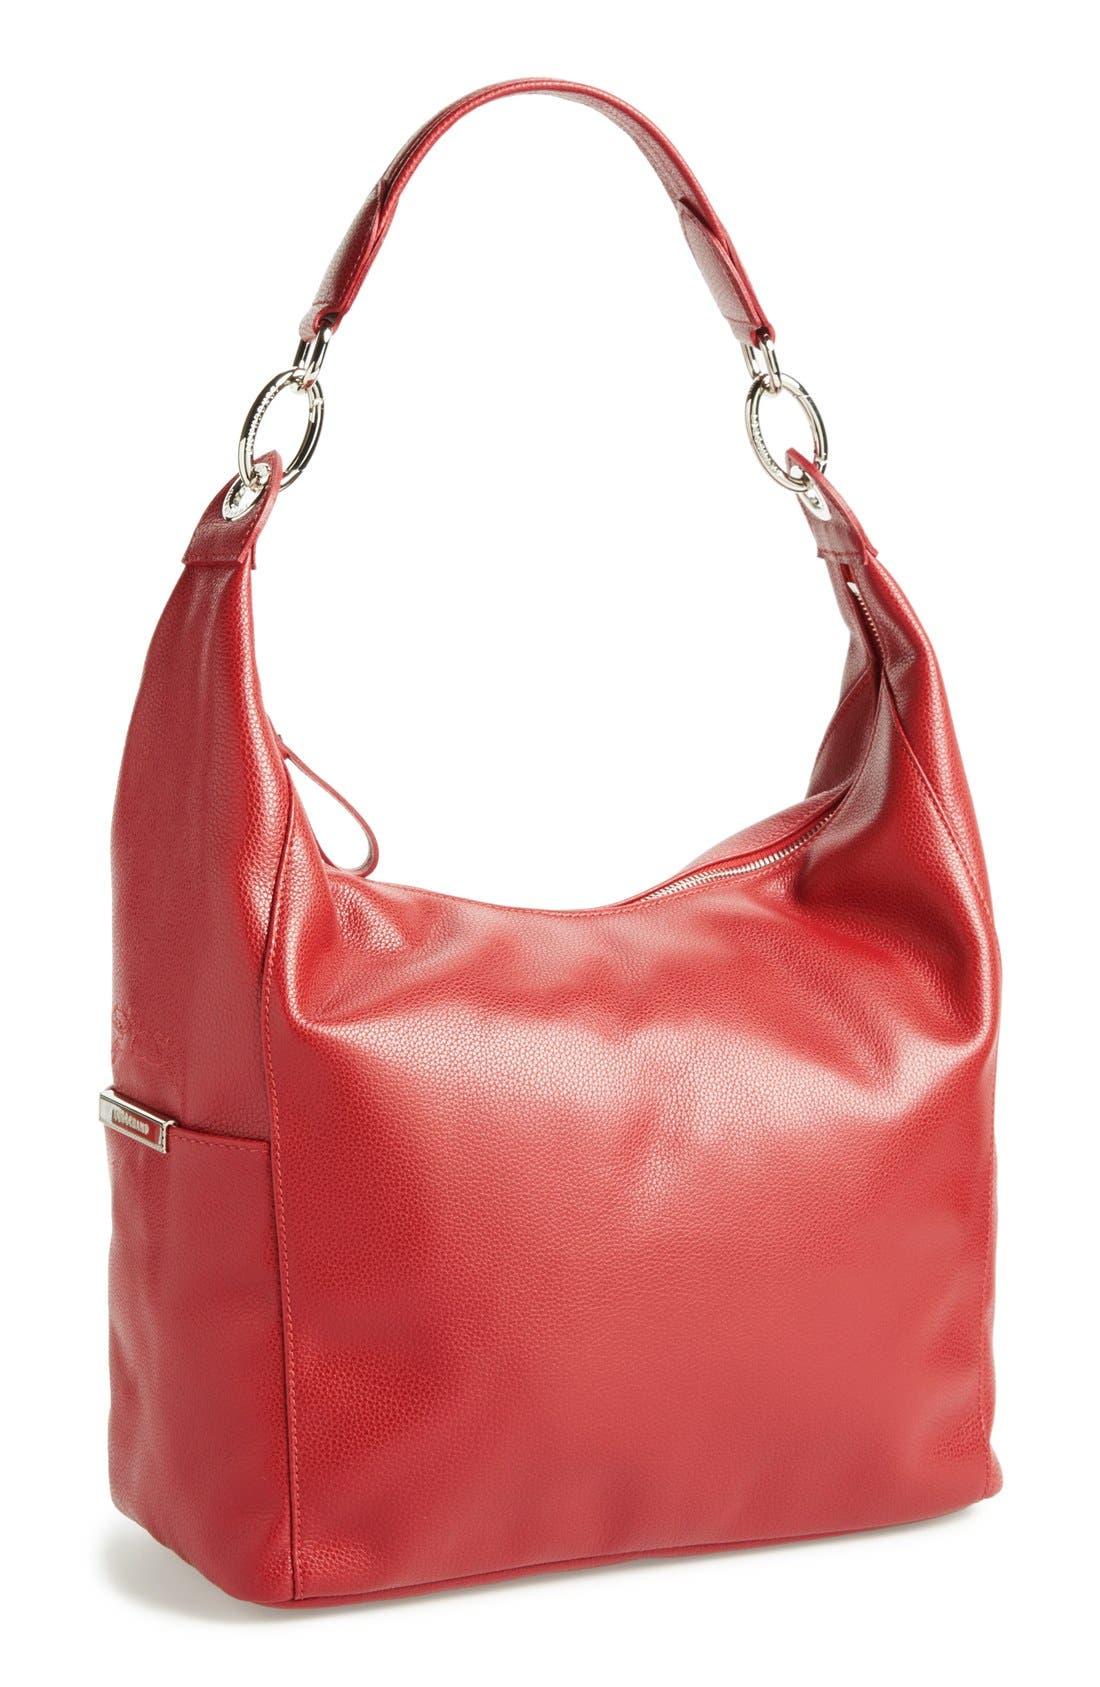 Alternate Image 1 Selected - Longchamp 'Le Foulonne' Hobo Bag